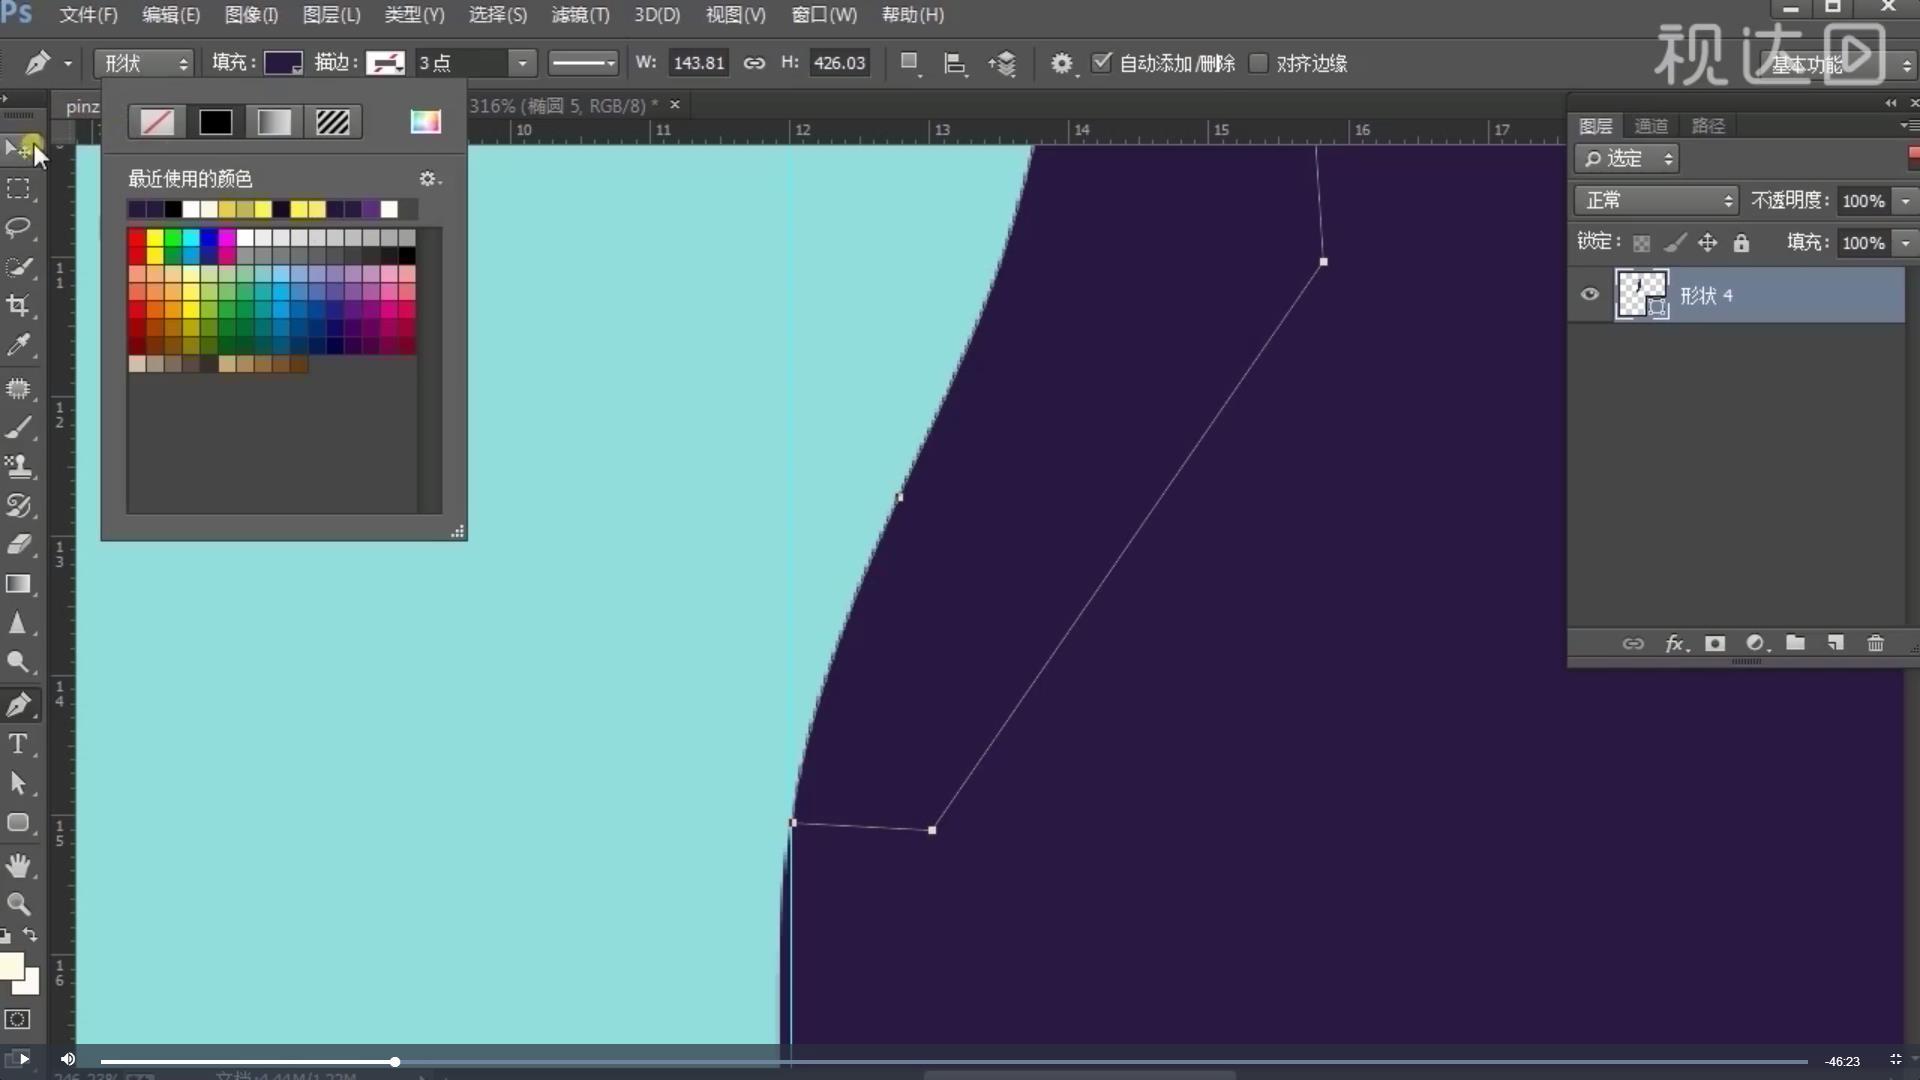 4.新建形状,栅格化图层,载入选区,调整选区位置、羽化值,Delete删除;Ctrl+T调整一下形状,复制一层,向右位移一下;.jpg